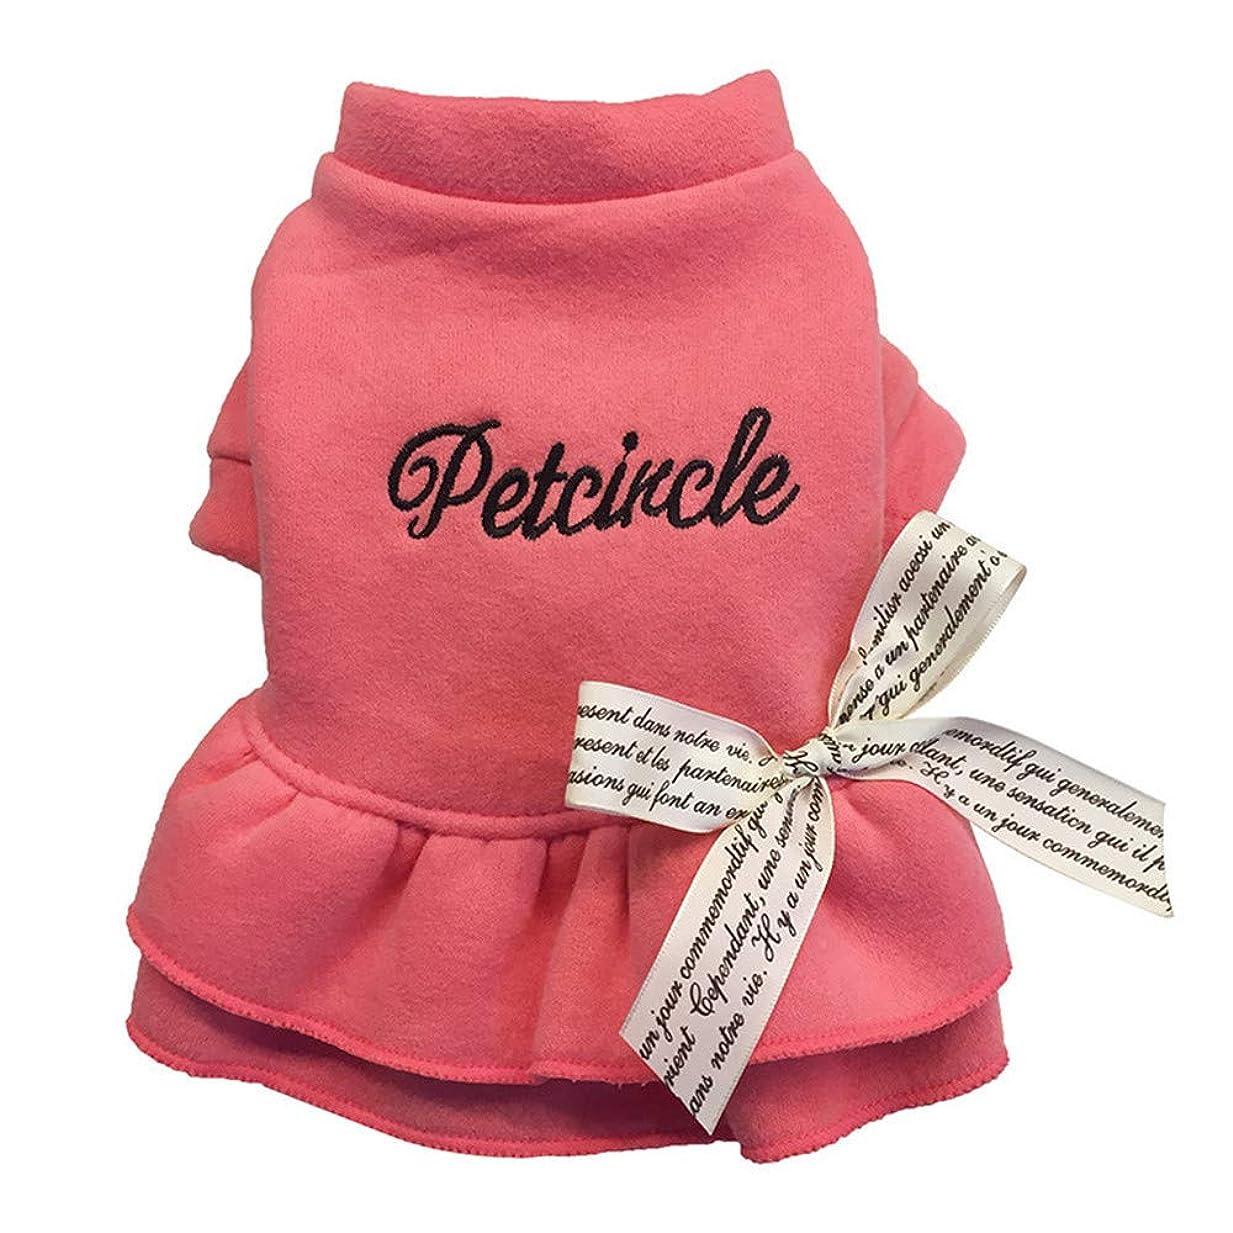 ジャンクション敬重力ドレス スカート ドッグウェア コスチューム コスプレ 愛犬 犬用 犬服 可愛い ピンク (S)